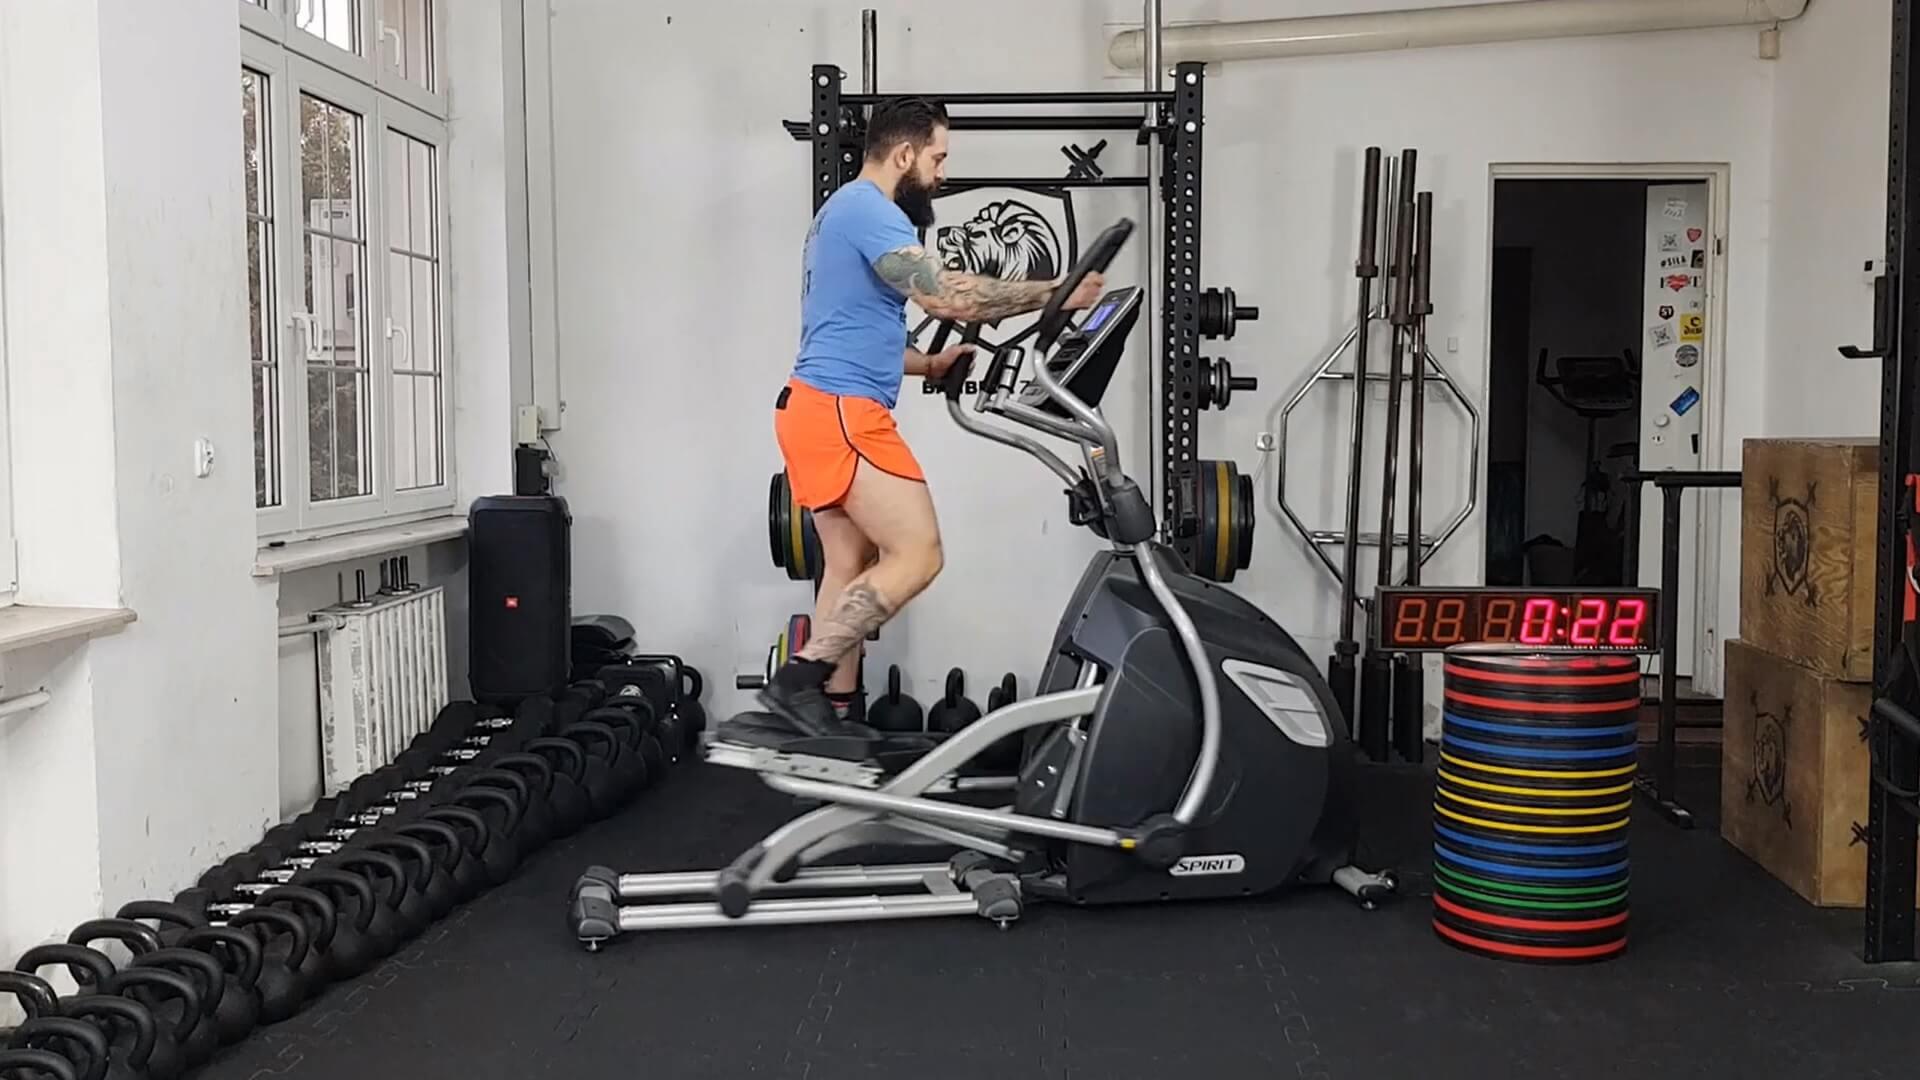 Jak zacząć trenować na orbitreku?